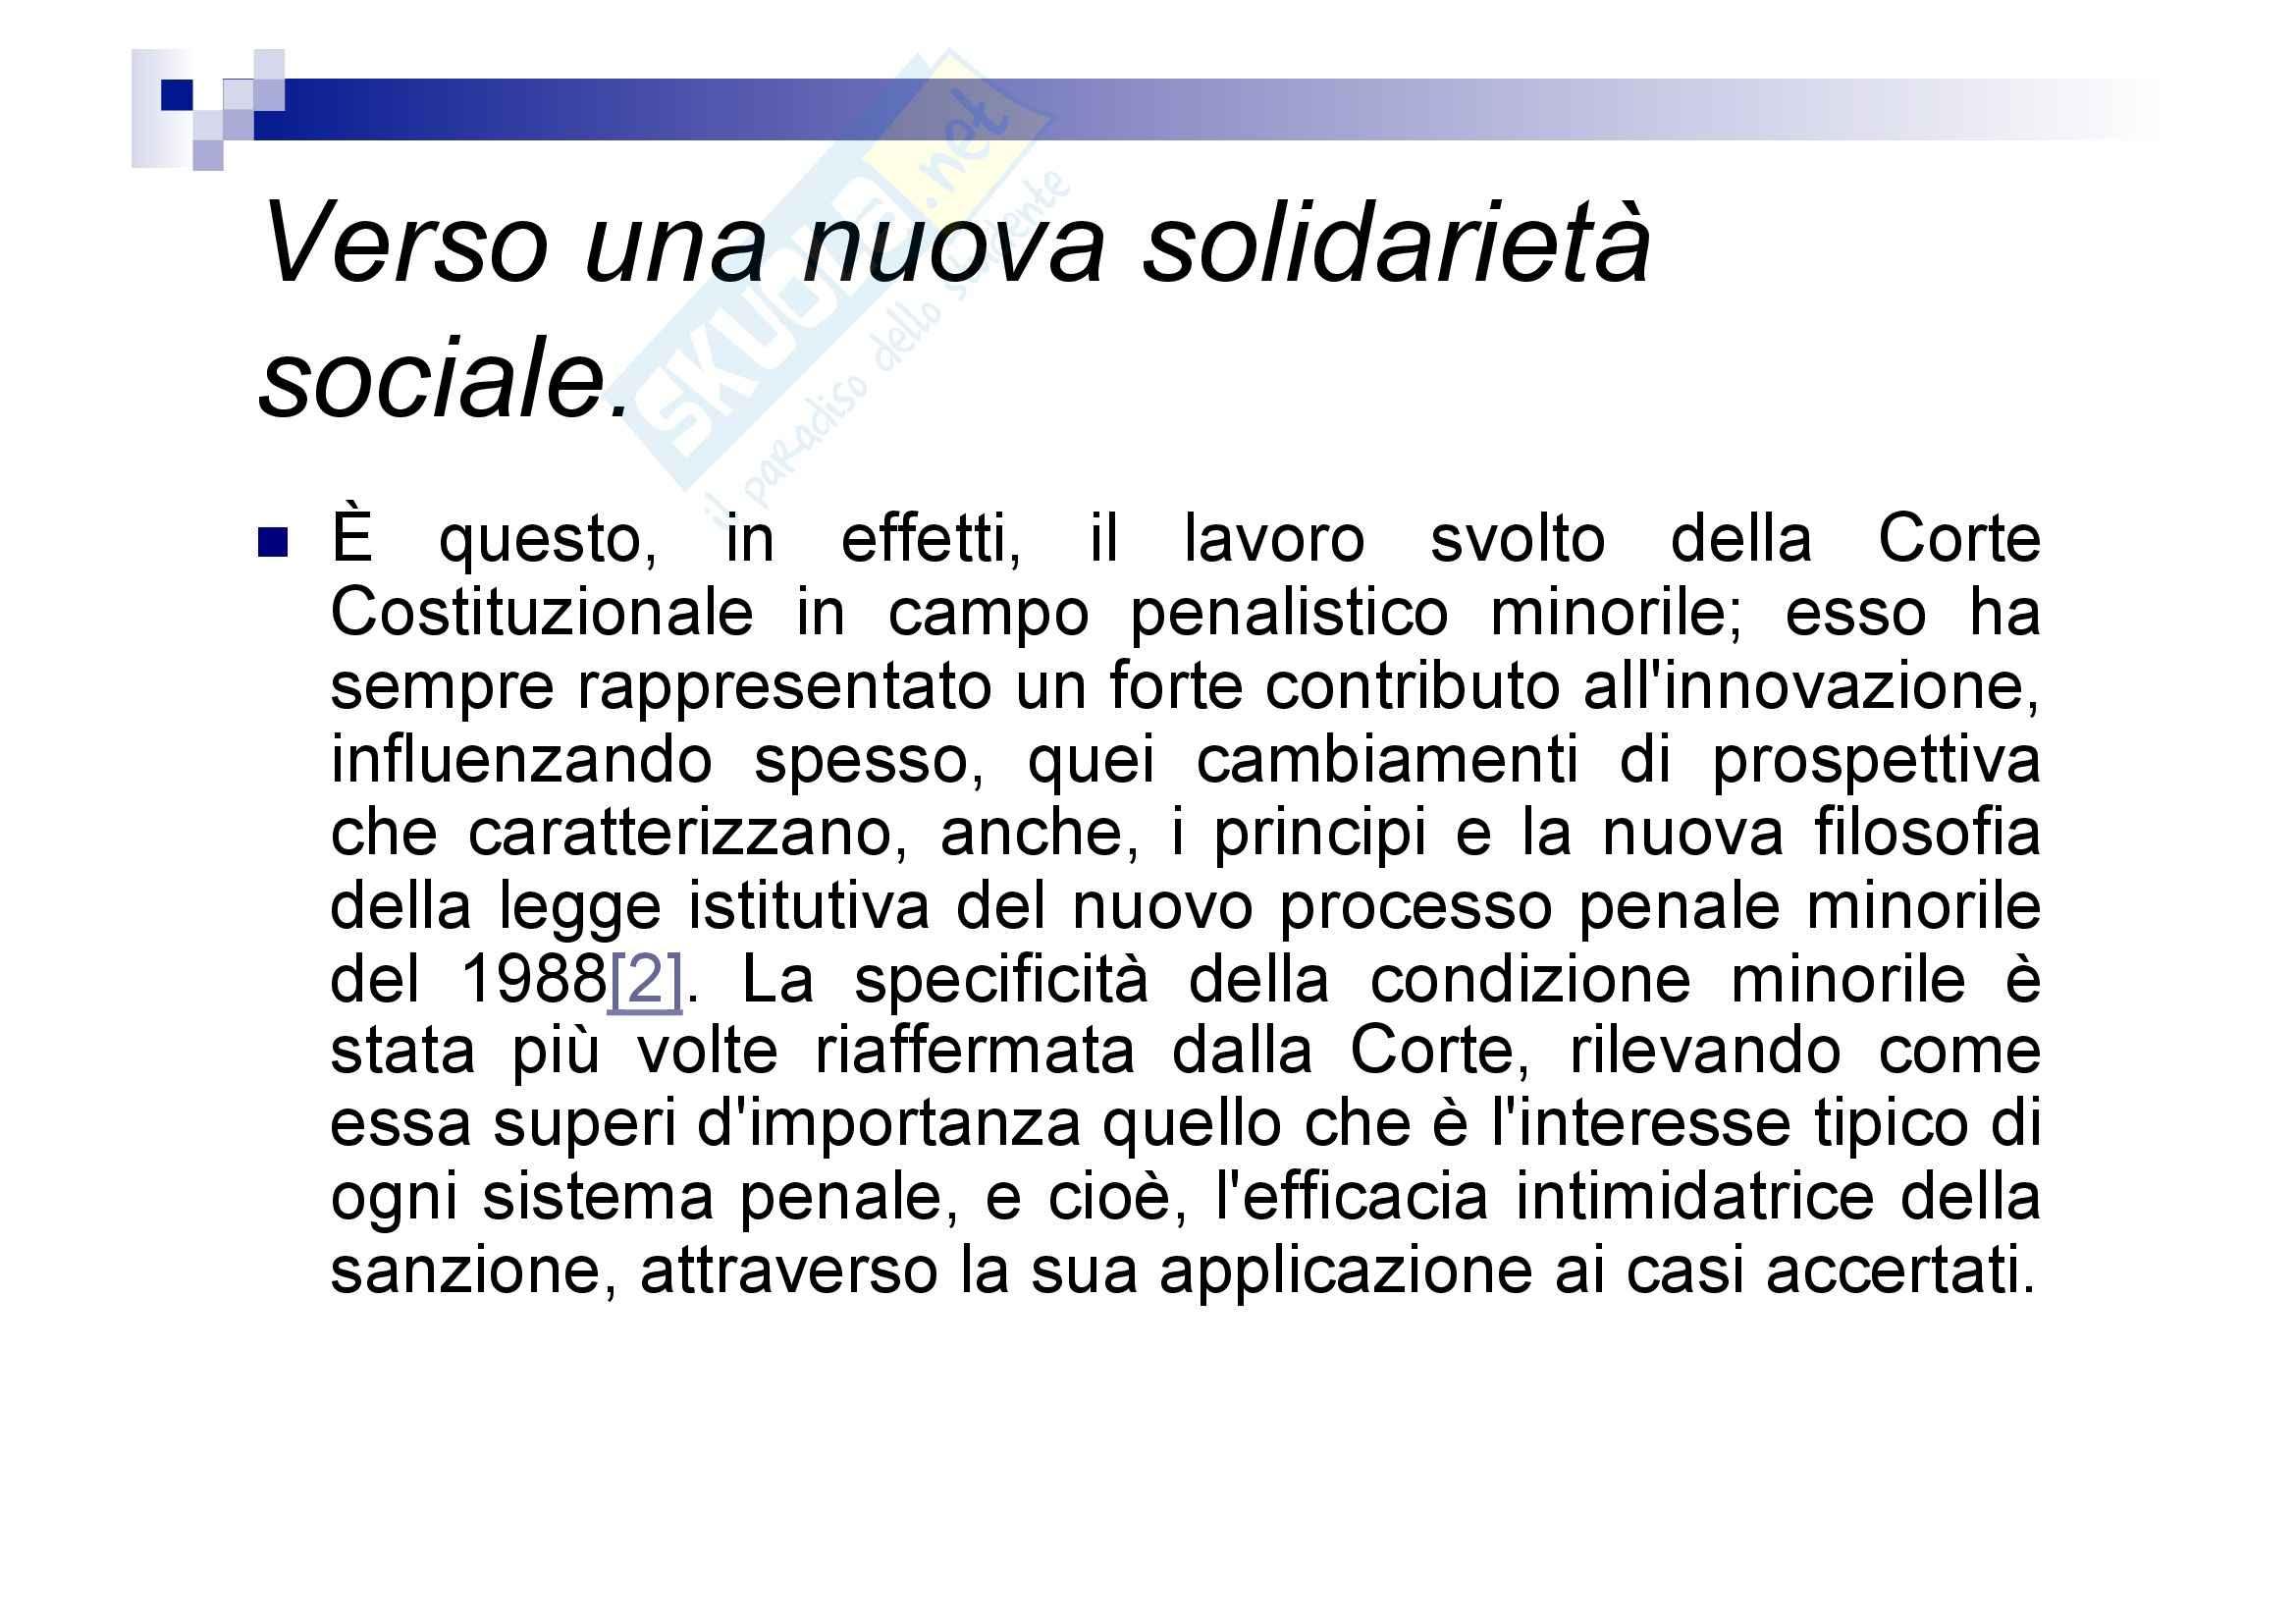 Processo penale minorile - elementi del processo penale minorile Pag. 91